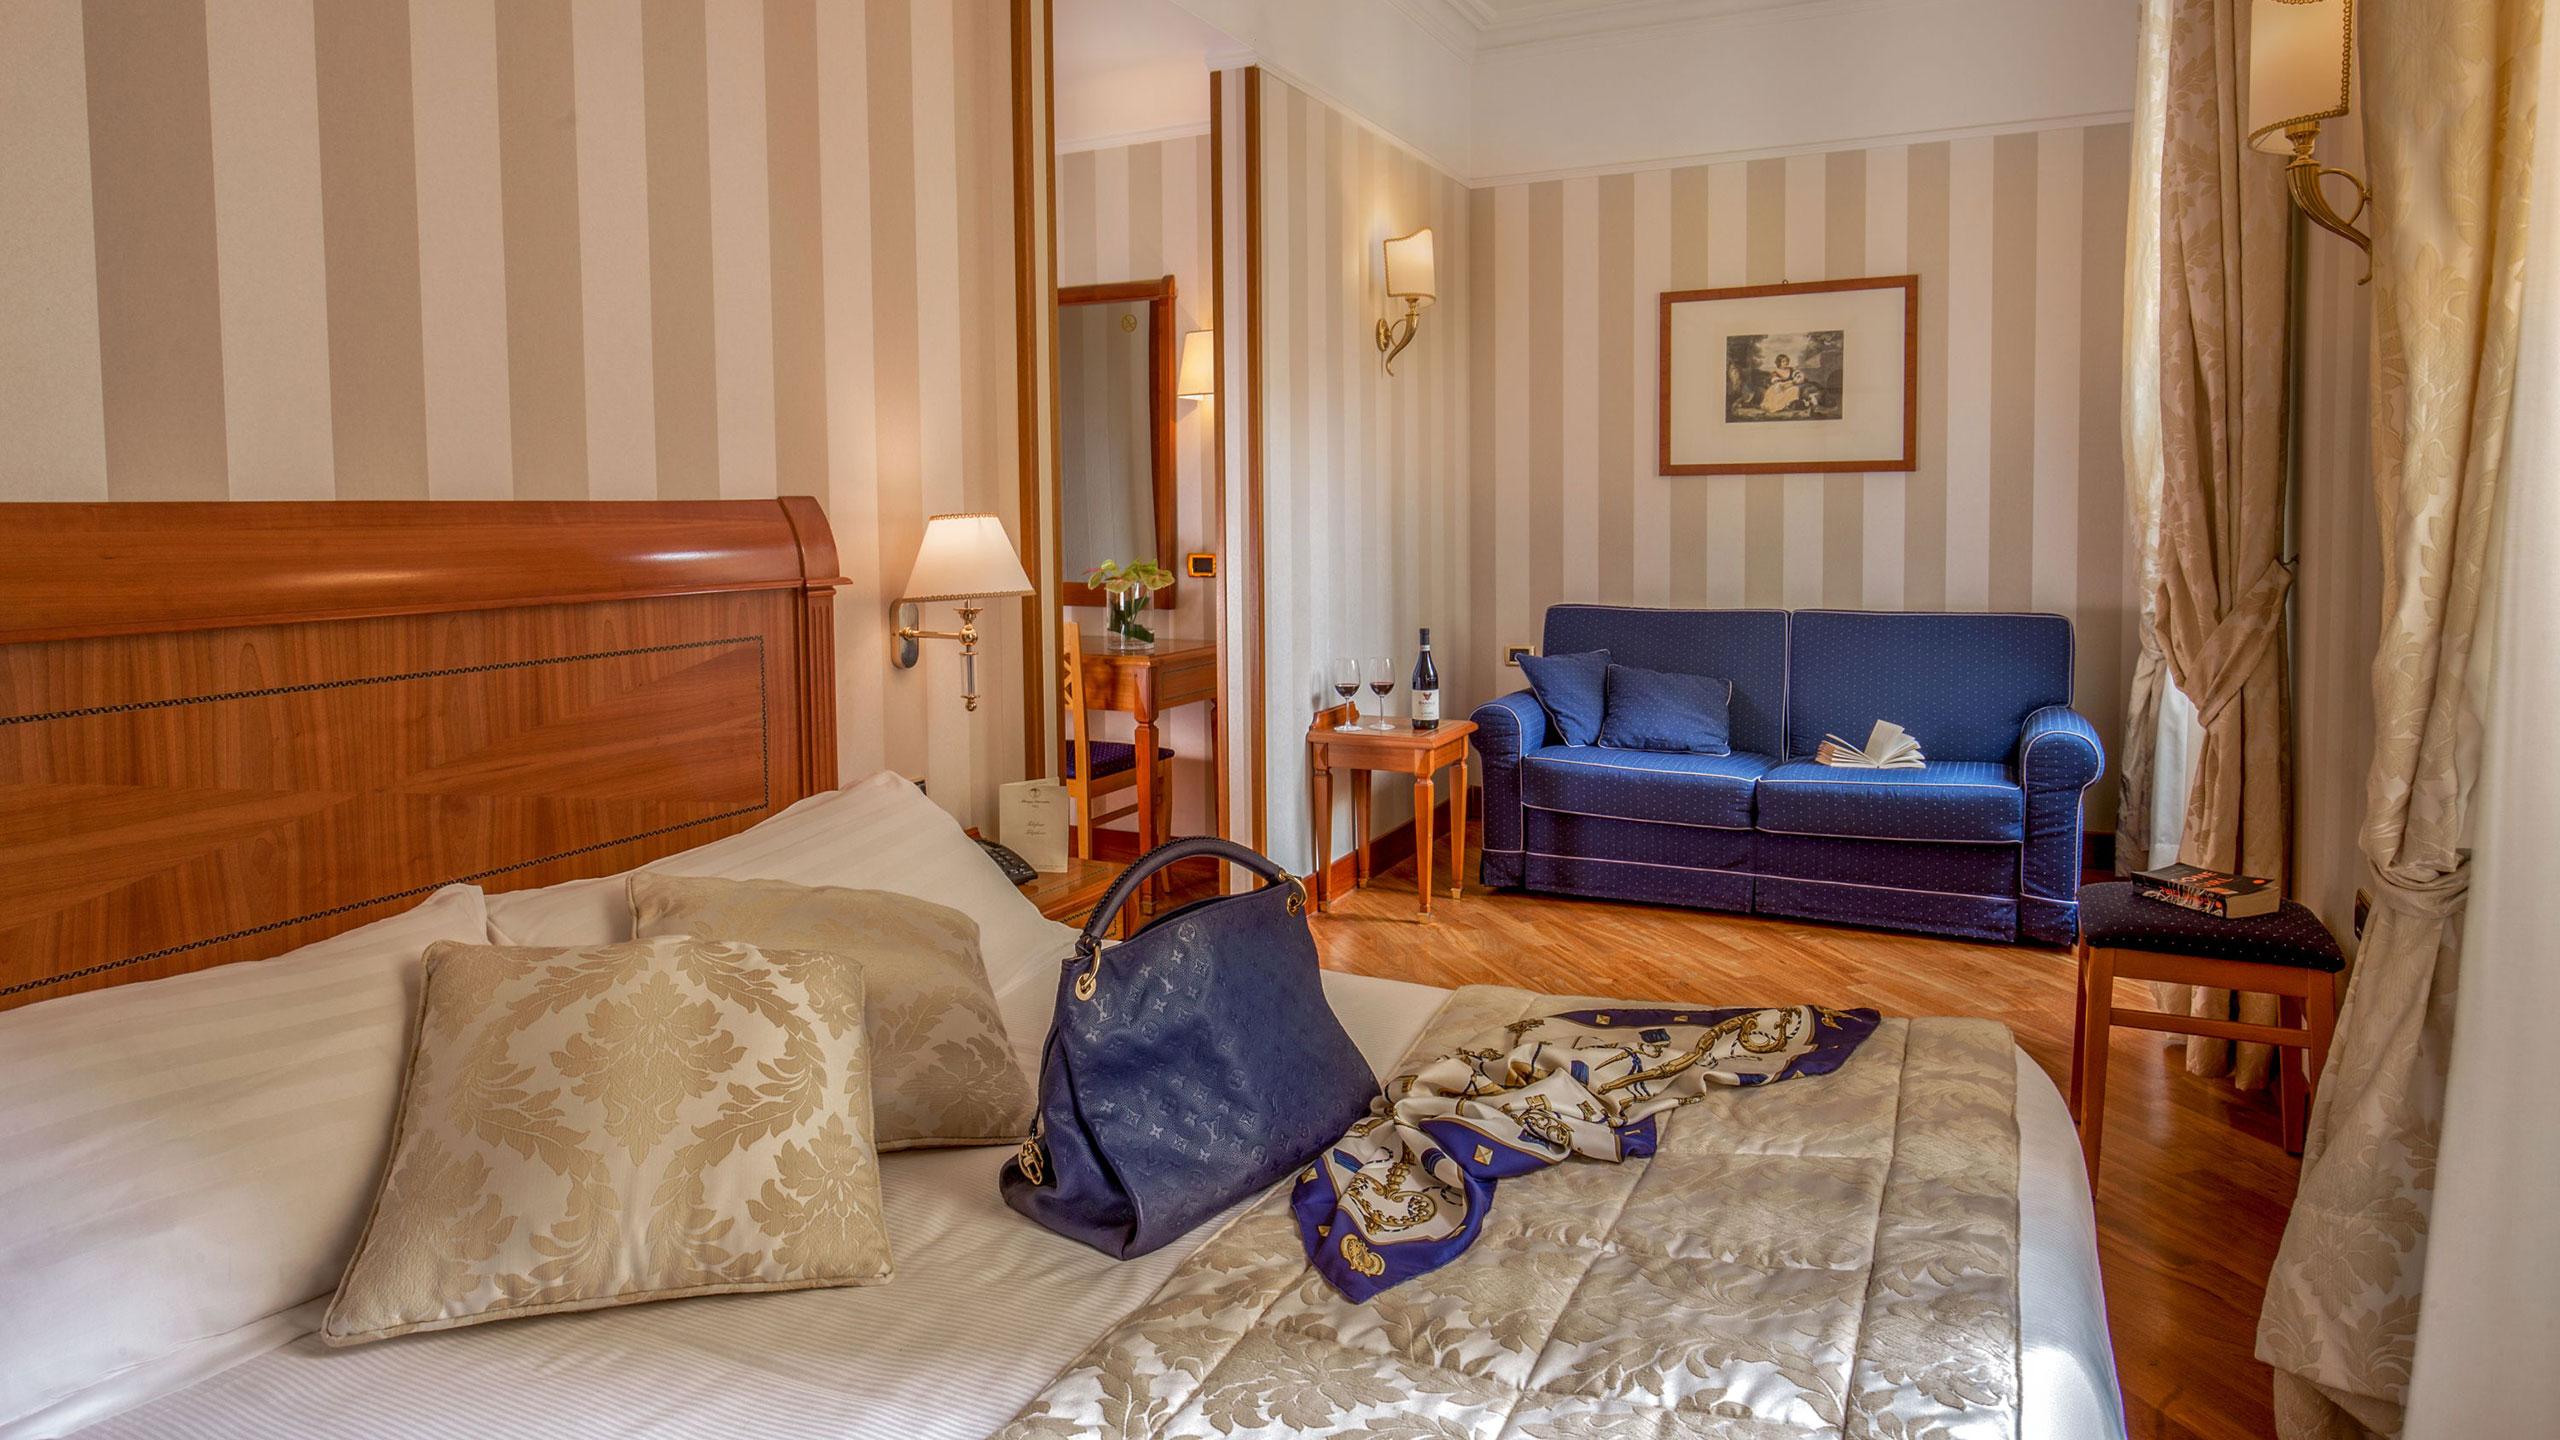 albergo-ottocento-roma-tripla-deluxe-11